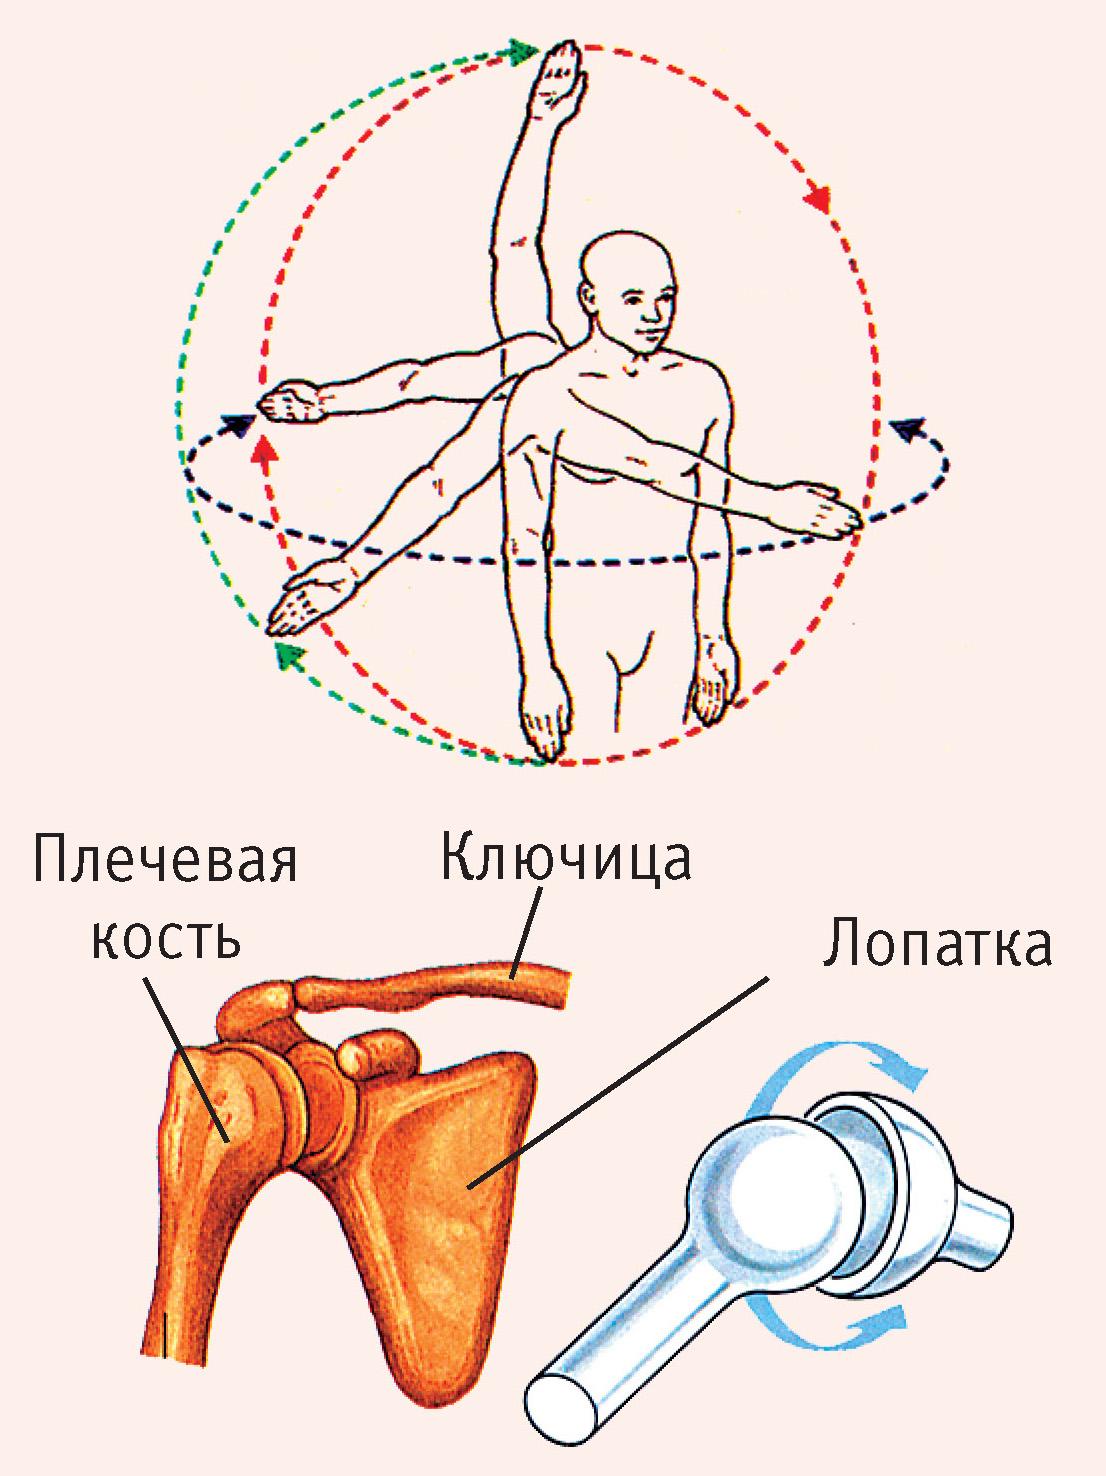 A csontritkulás fókusza a gömb fején. Szubchondrális osteosclerosis. Térd- és könyökízületek